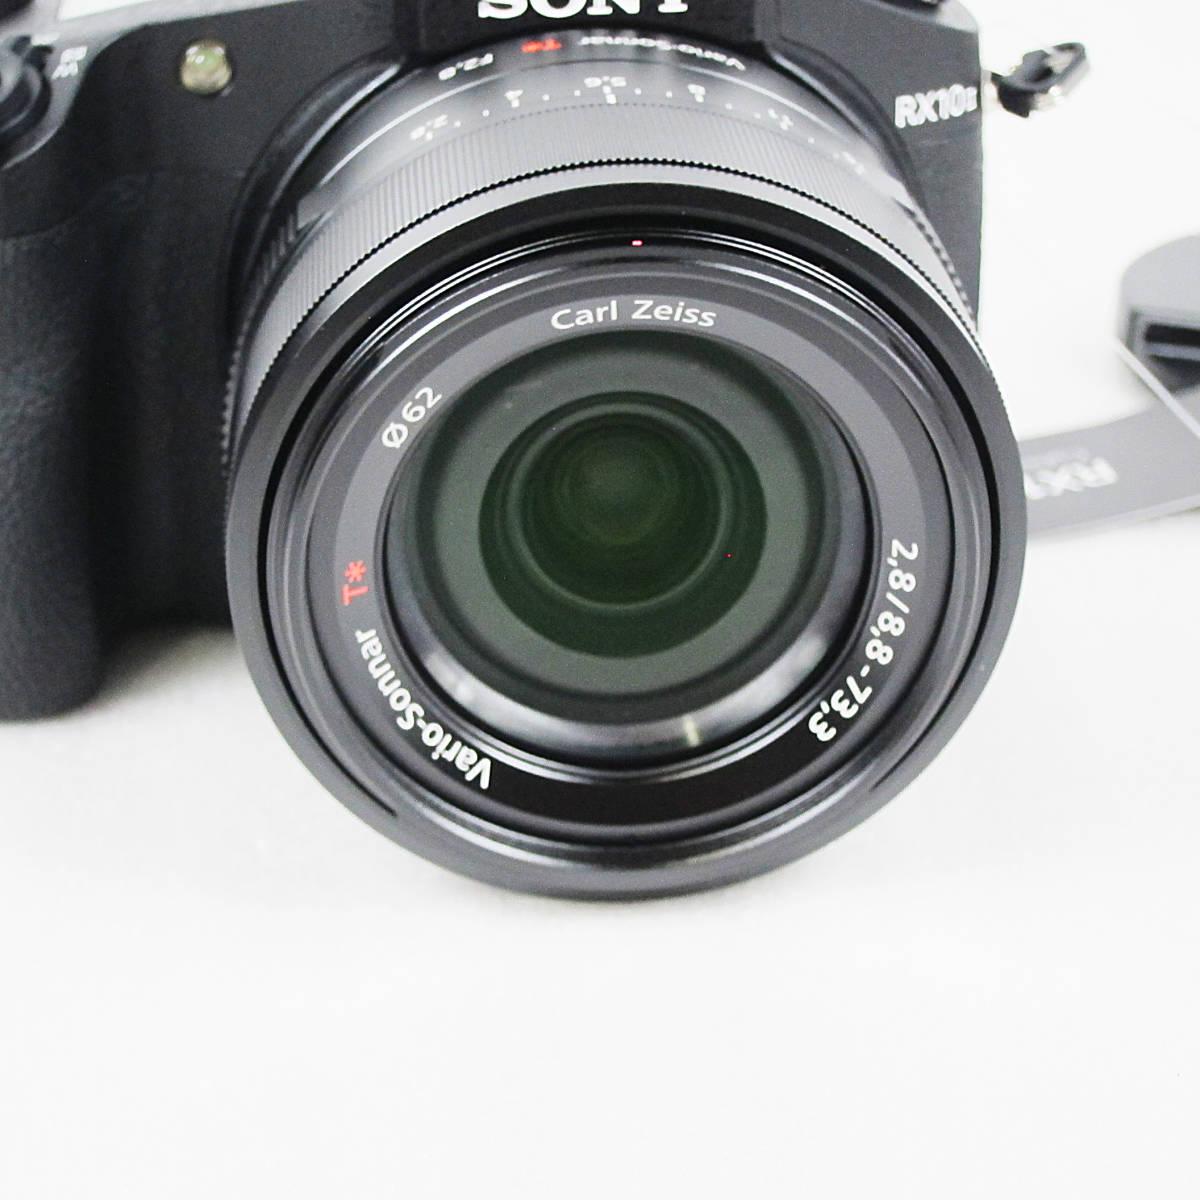 M4109●SONY ソニー デジタルスチルカメラ【海外仕様】Cyber-shot サイバーショット DSC-RX10M2 WiFi 4K 大口径ツァイス レンズ 未使用新品_画像6